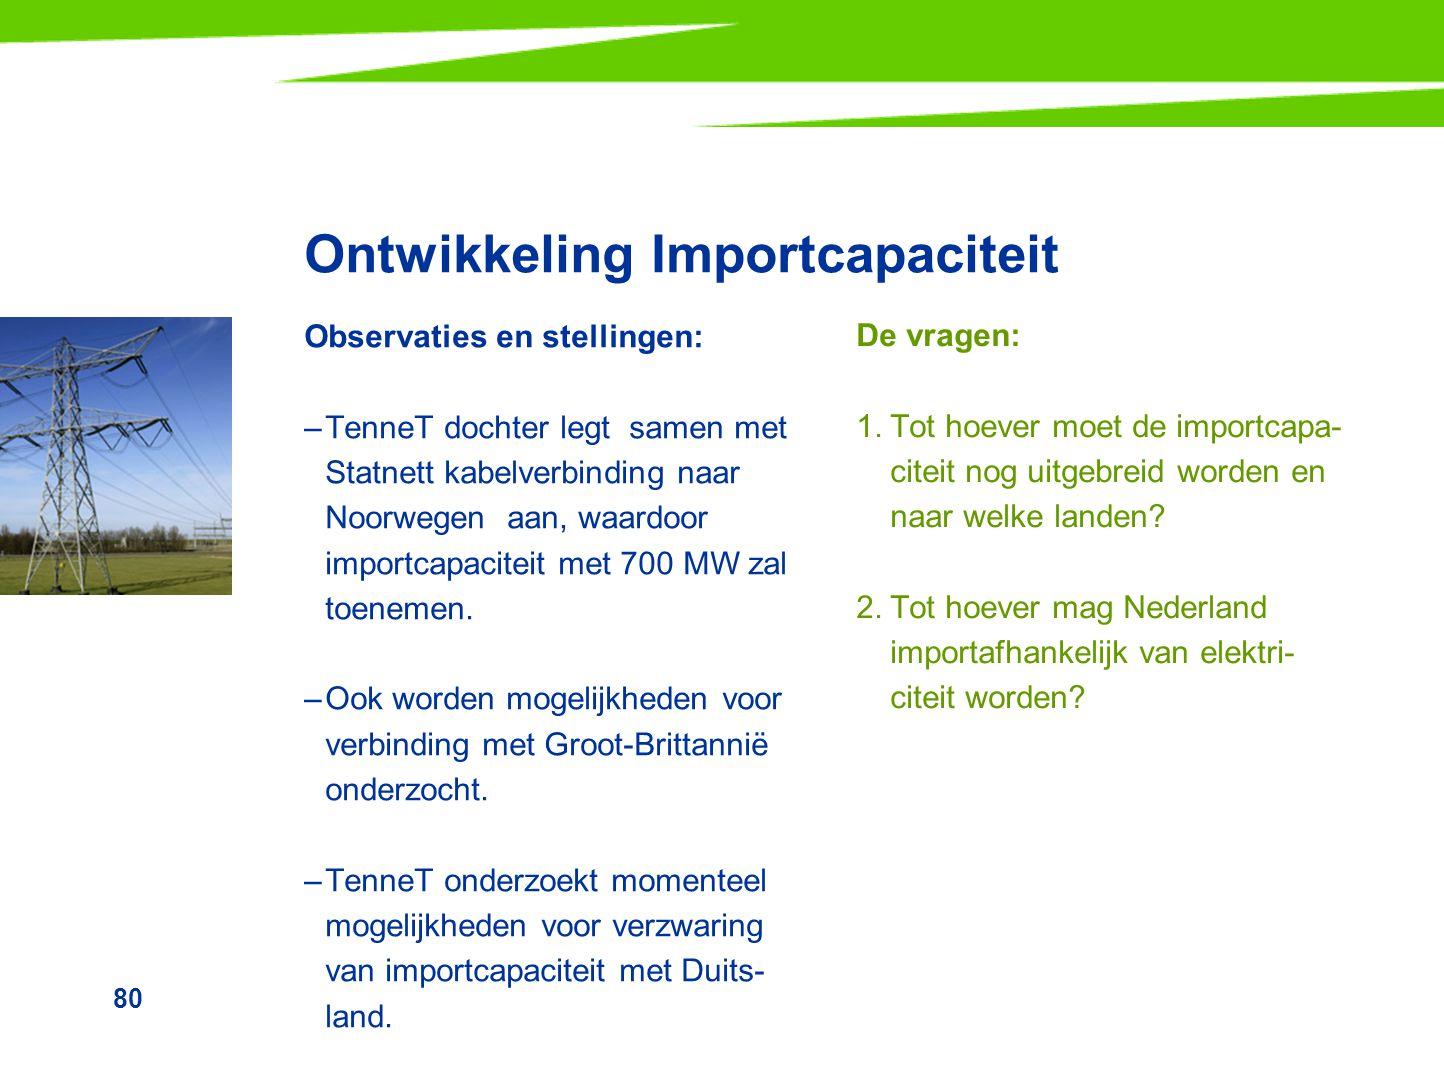 80 Ontwikkeling Importcapaciteit Observaties en stellingen: –TenneT dochter legt samen met Statnett kabelverbinding naar Noorwegen aan, waardoor impor